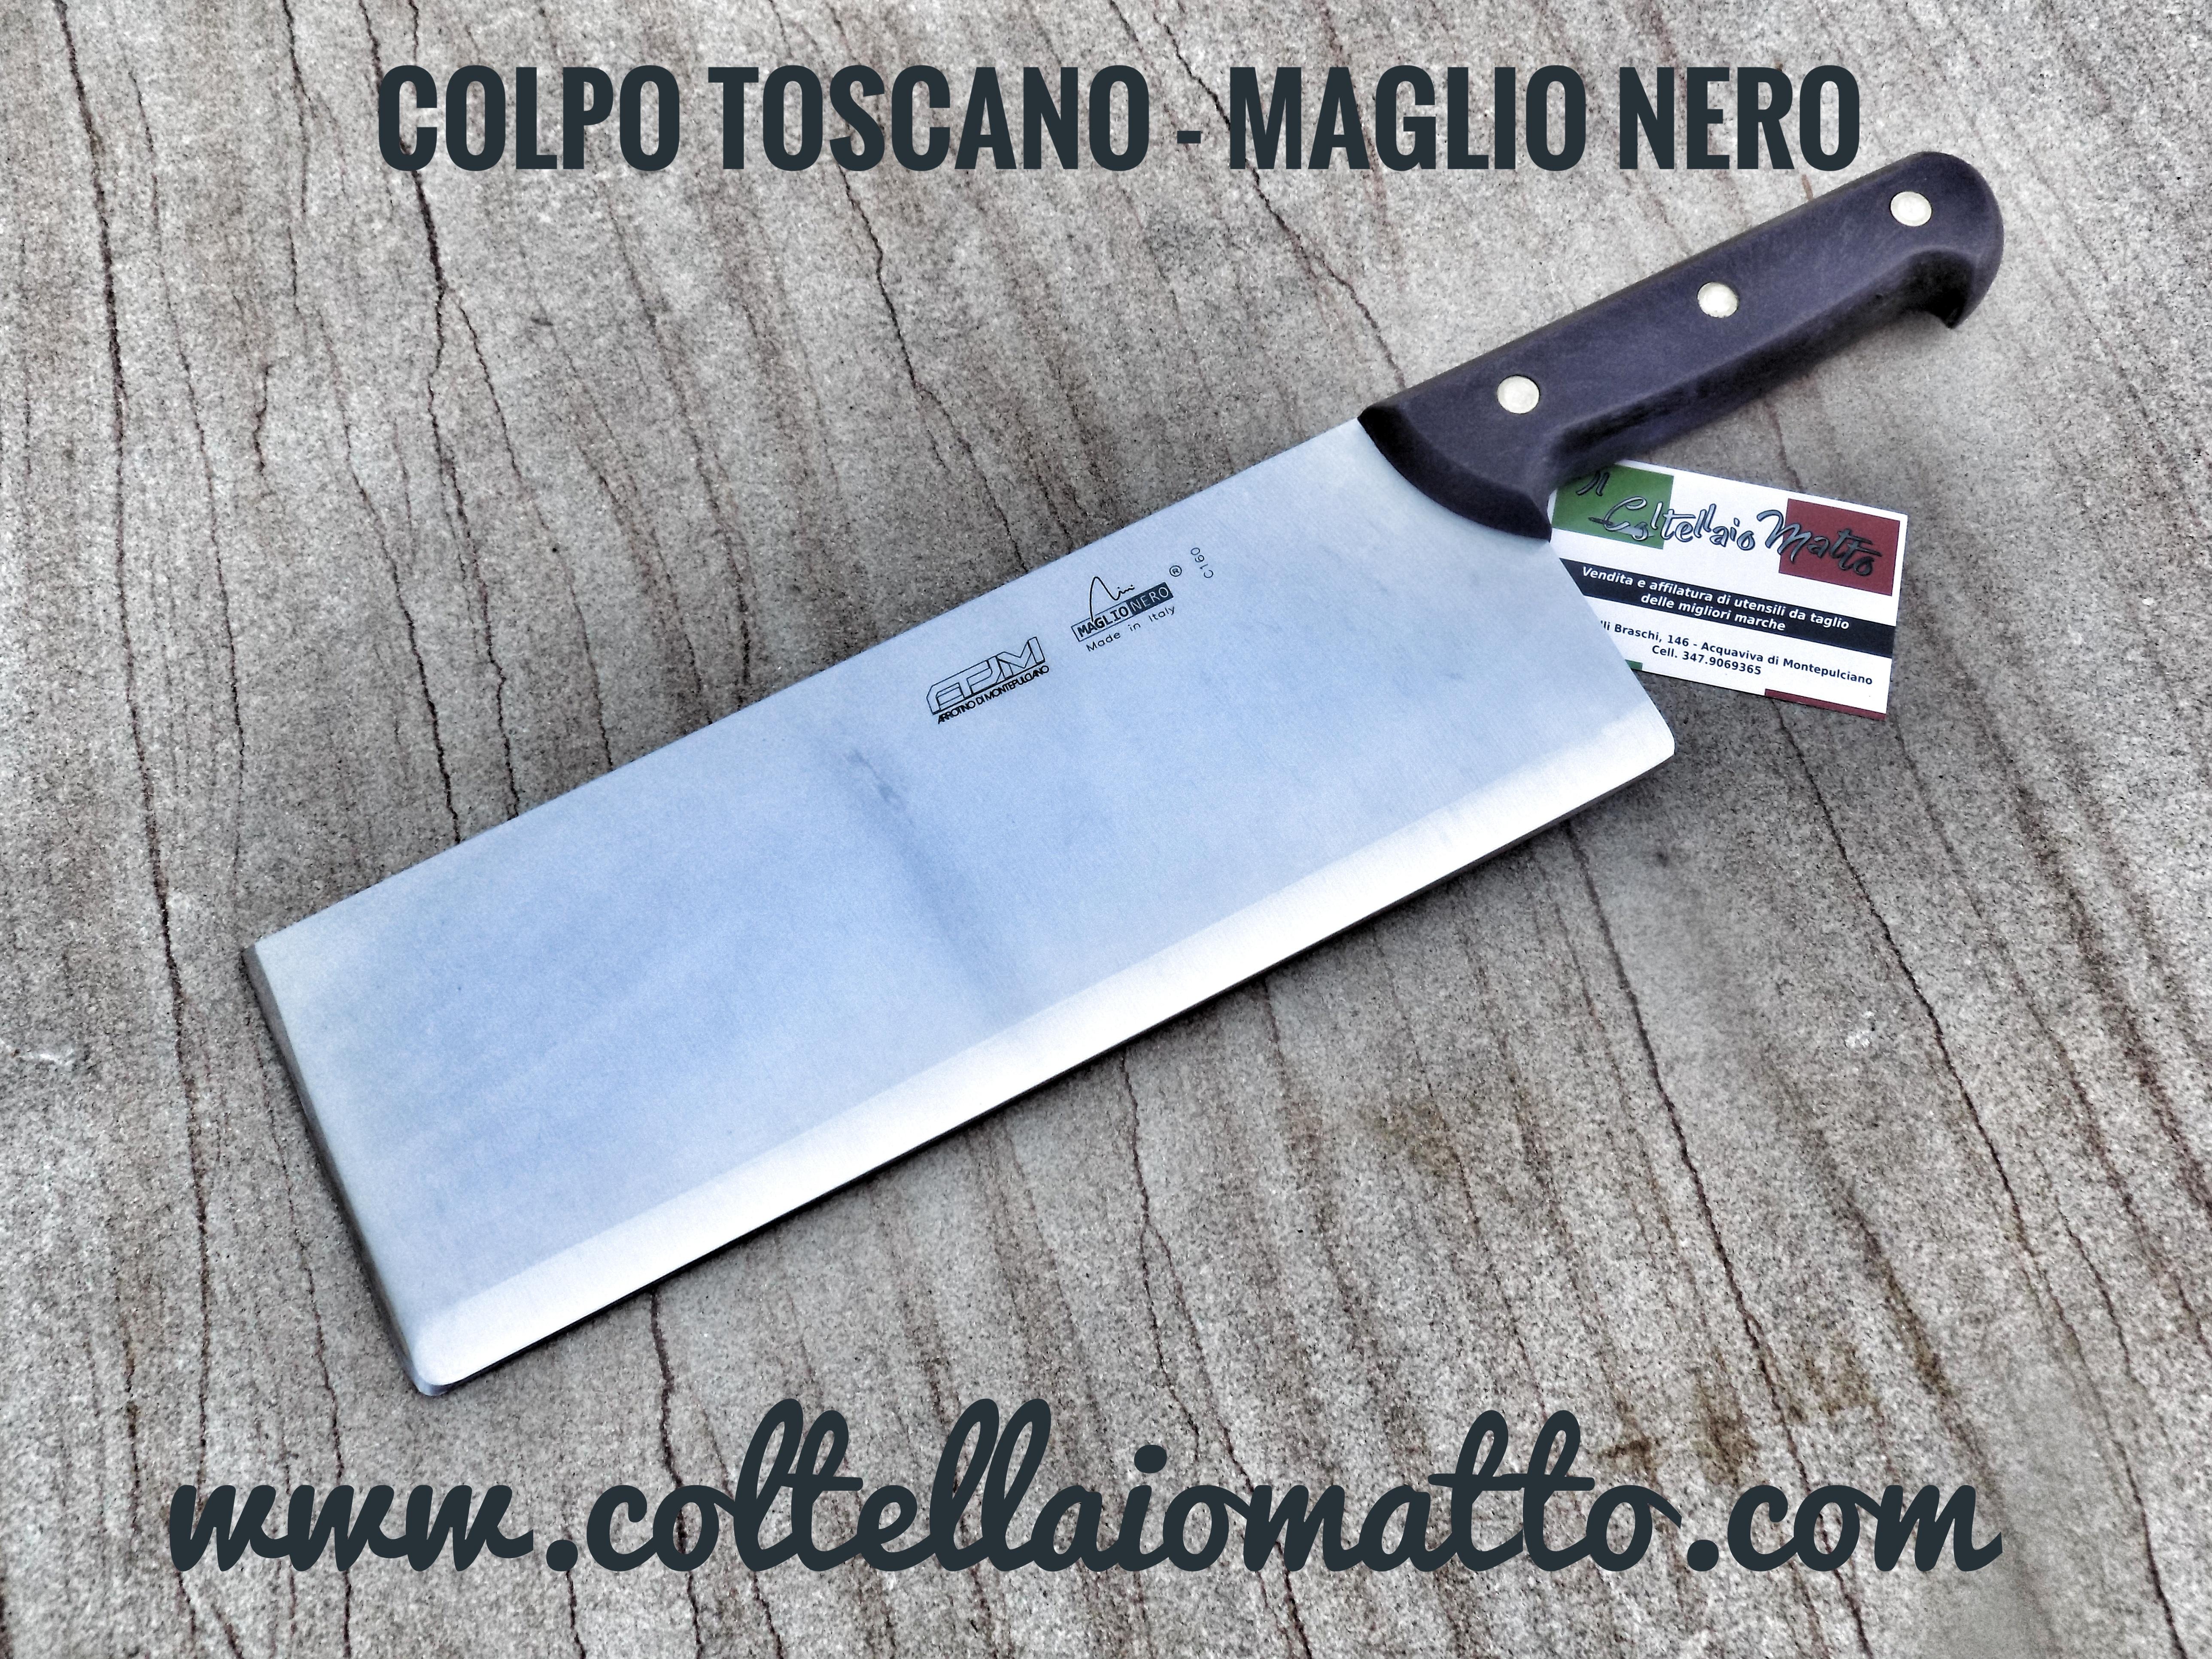 Colpo-toscano-fiorentina